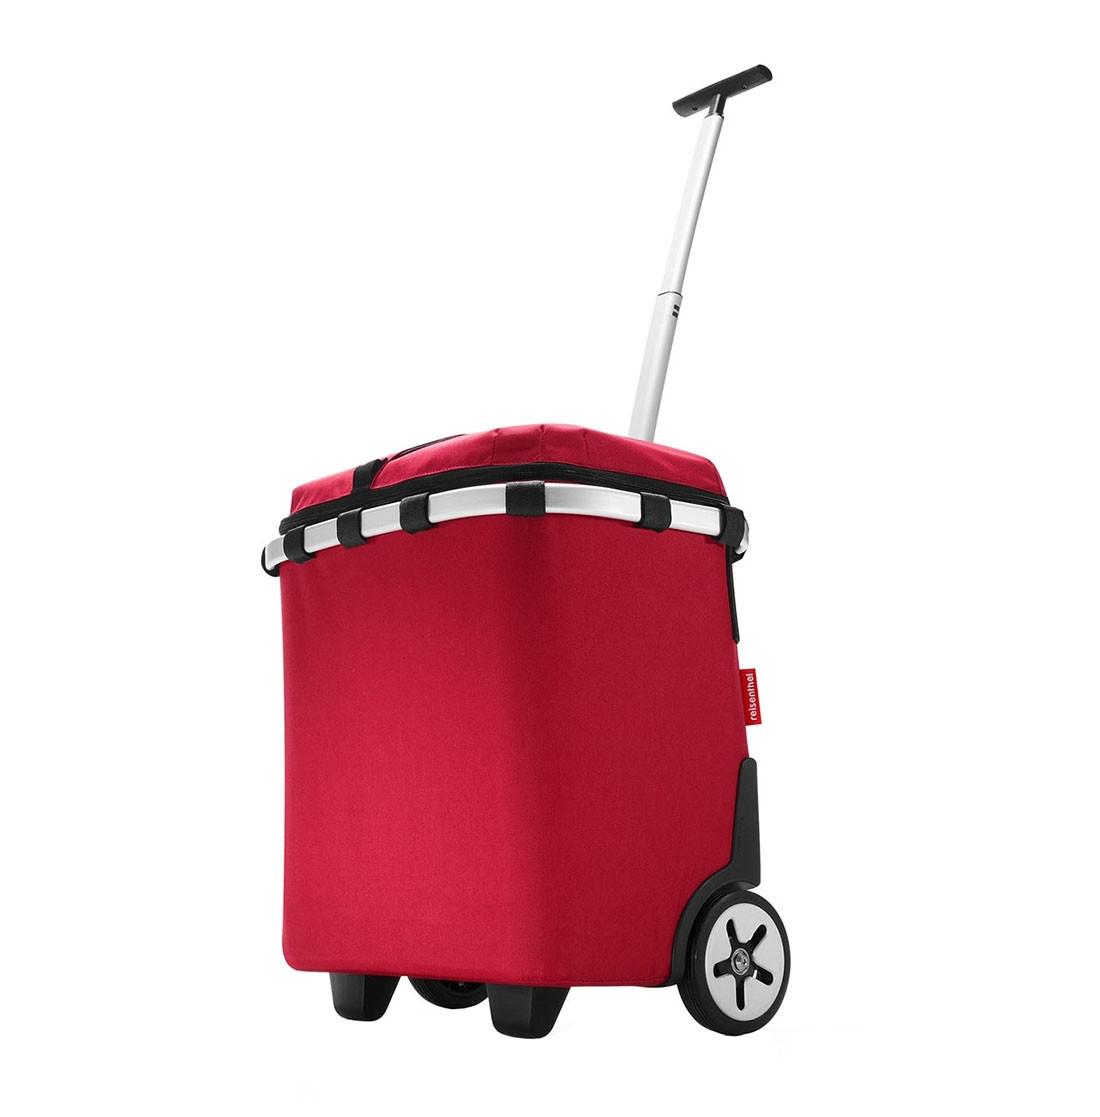 reisenthel carrycruiser iso - Einkaufstrolley mit Isolierfunktion